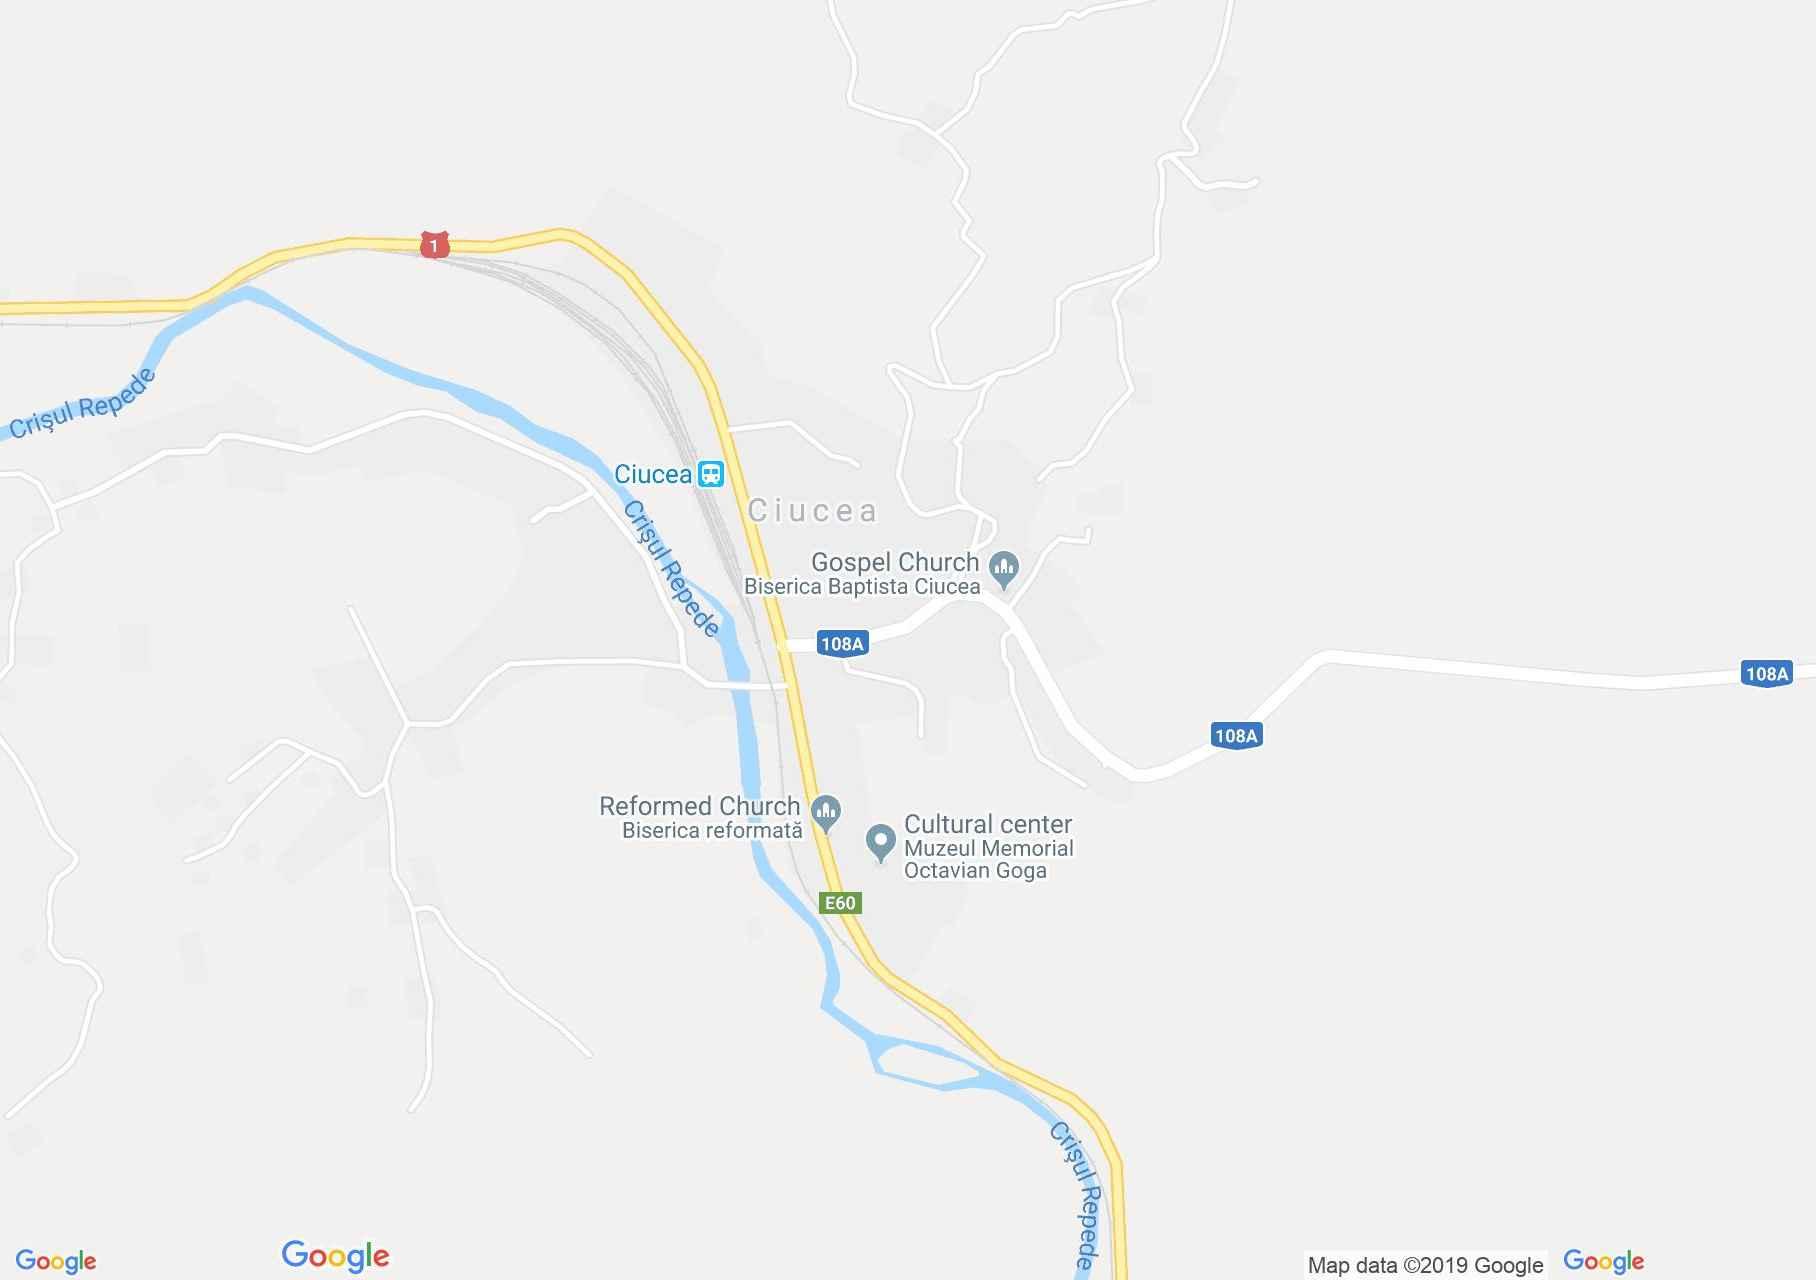 Map of Ciucea: Goga castle